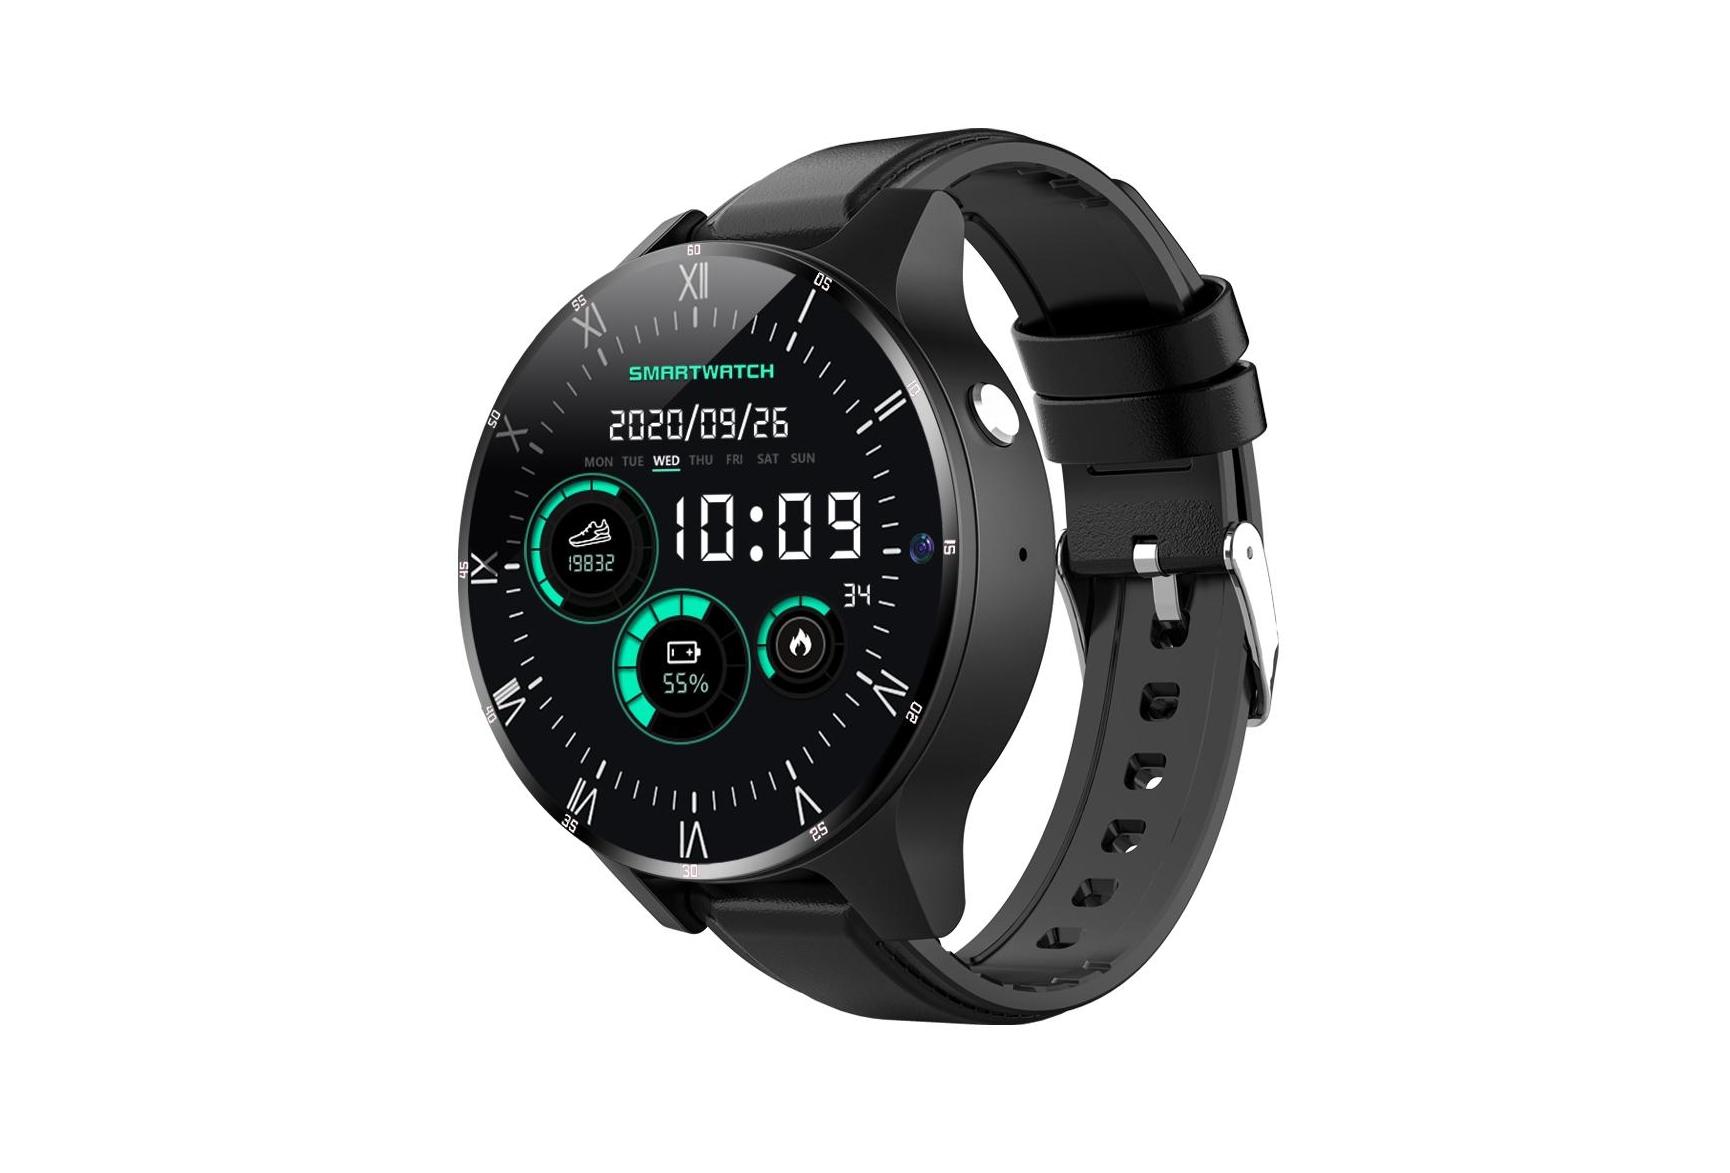 Rollme Hero: смарт-часы с безрамочным дисплеем, двумя камерами, ОС Android и «начинкой», как у смартфонов